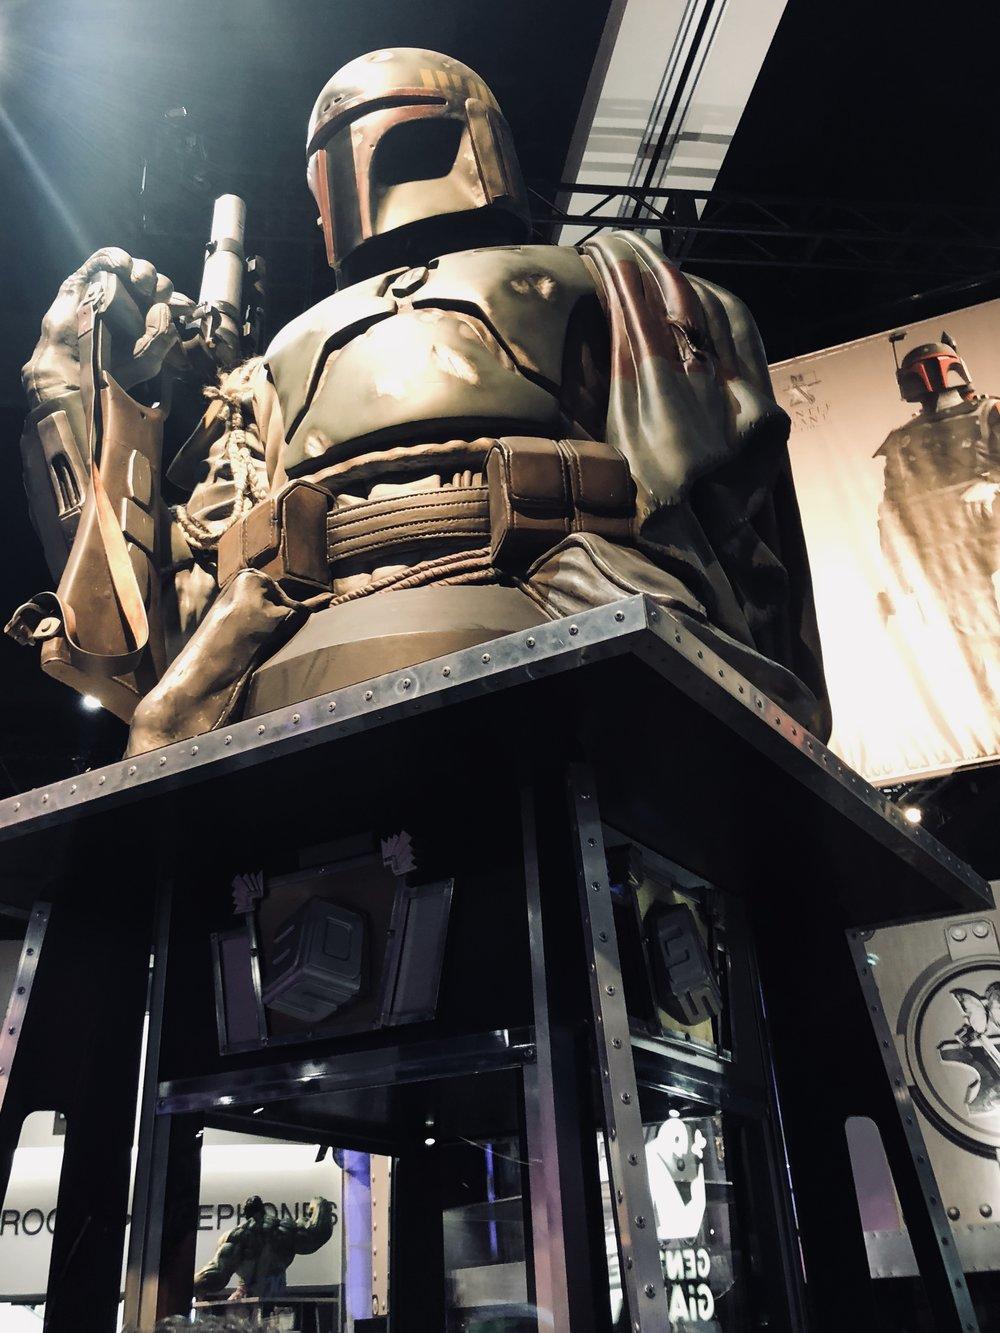 Giant Boba Fett display.